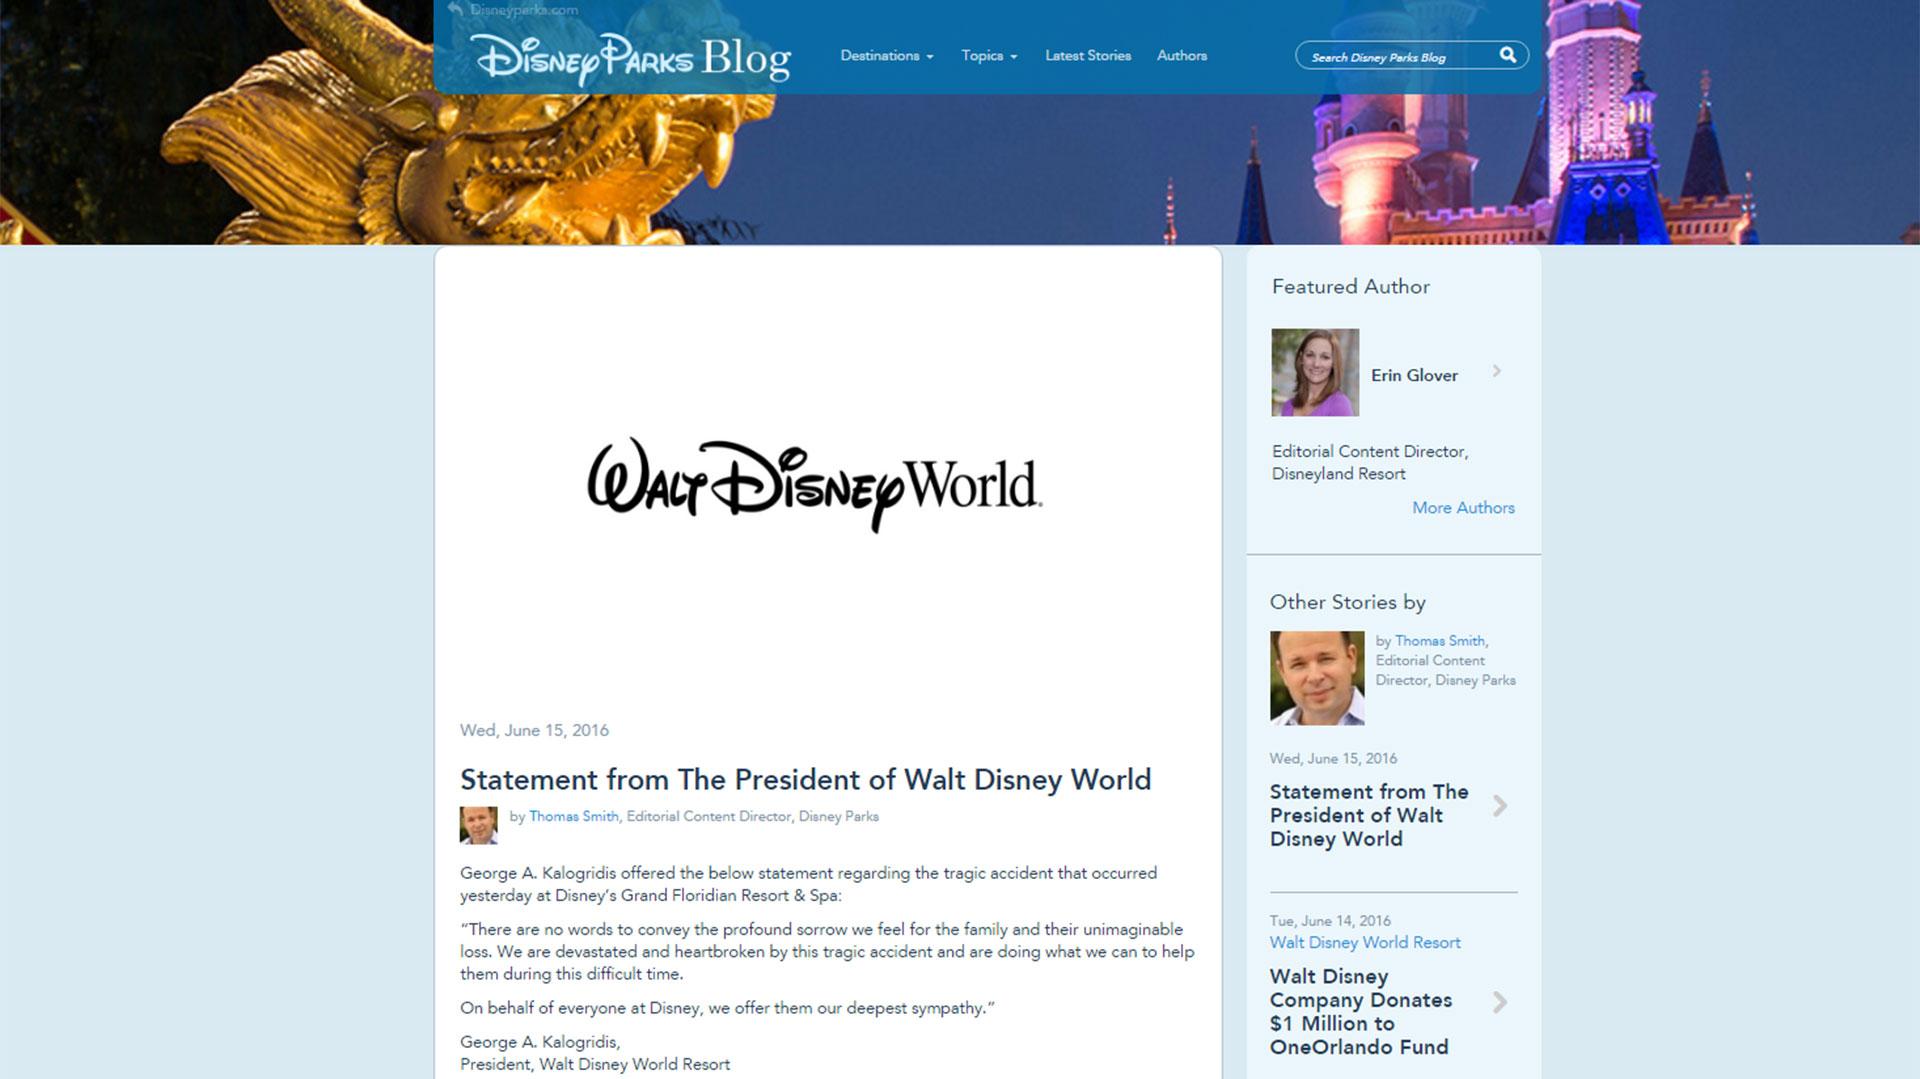 El comunicado de Disney: frío y formal, no hace mención a las evidentes fallas de seguridad del parque